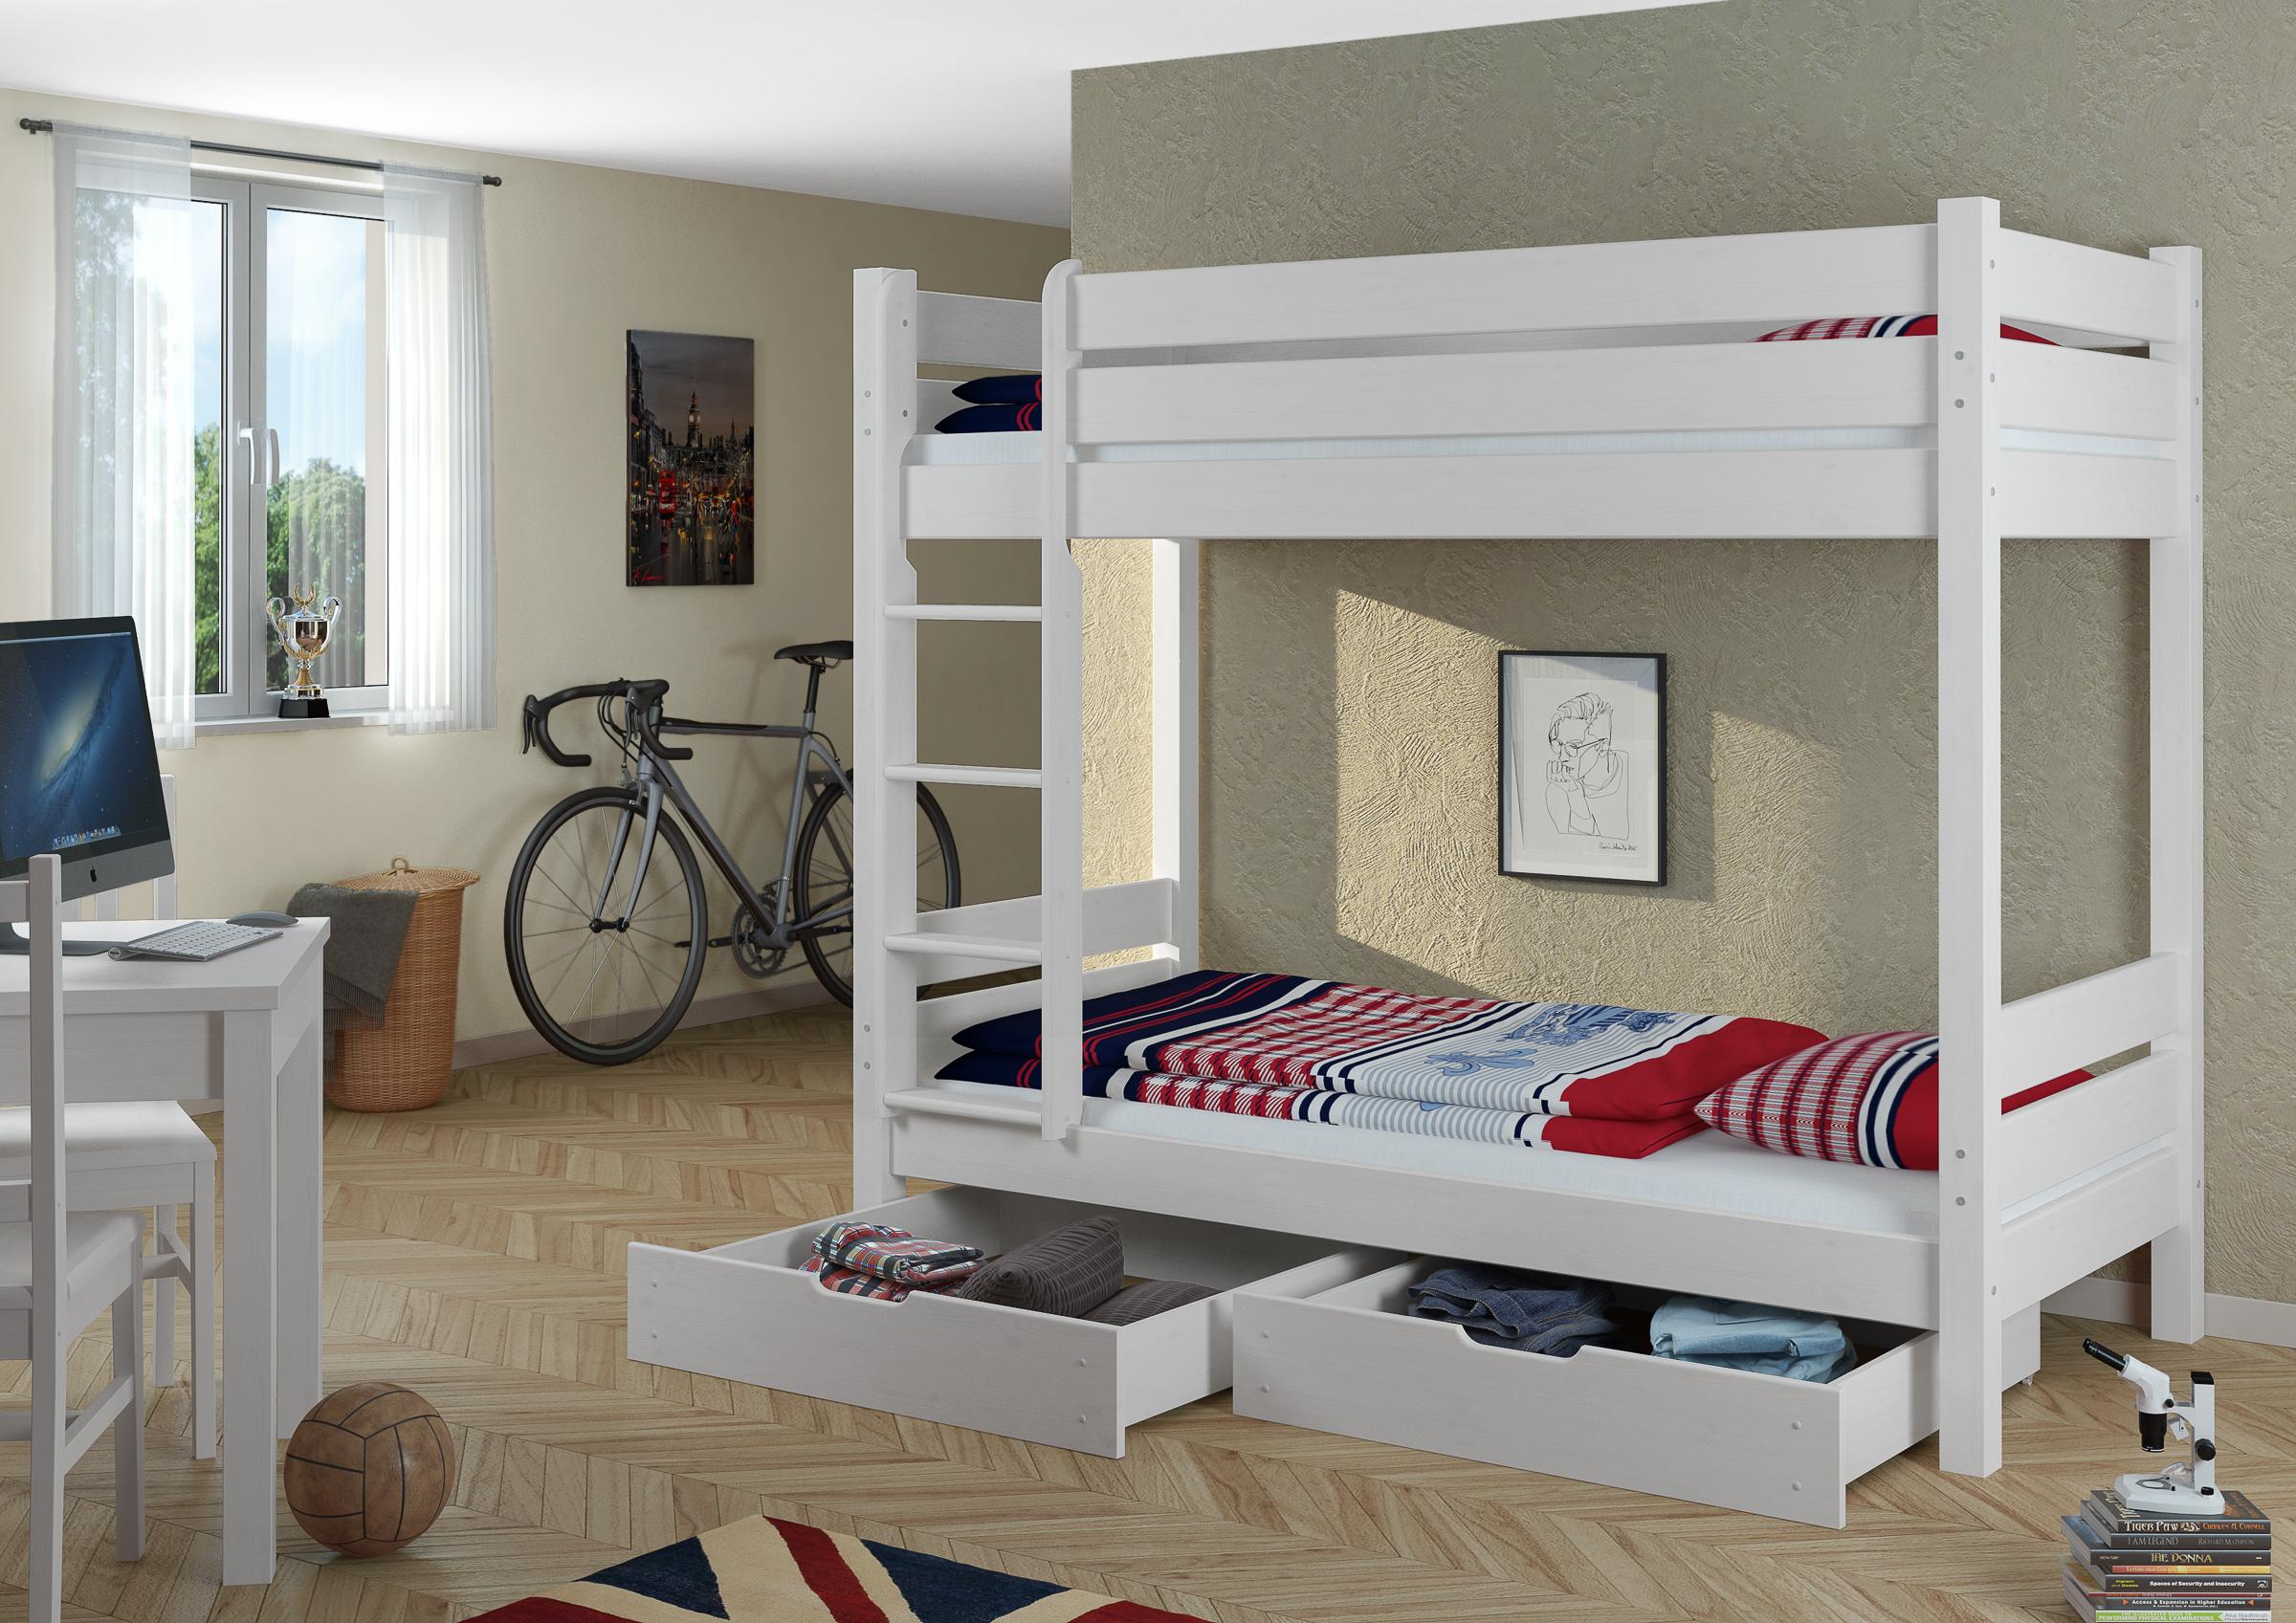 Holz Etagenbett Für Erwachsene : Erwachsenen etagenbett 90x200 teilbar rollrost bettkästen 60.16 09 w